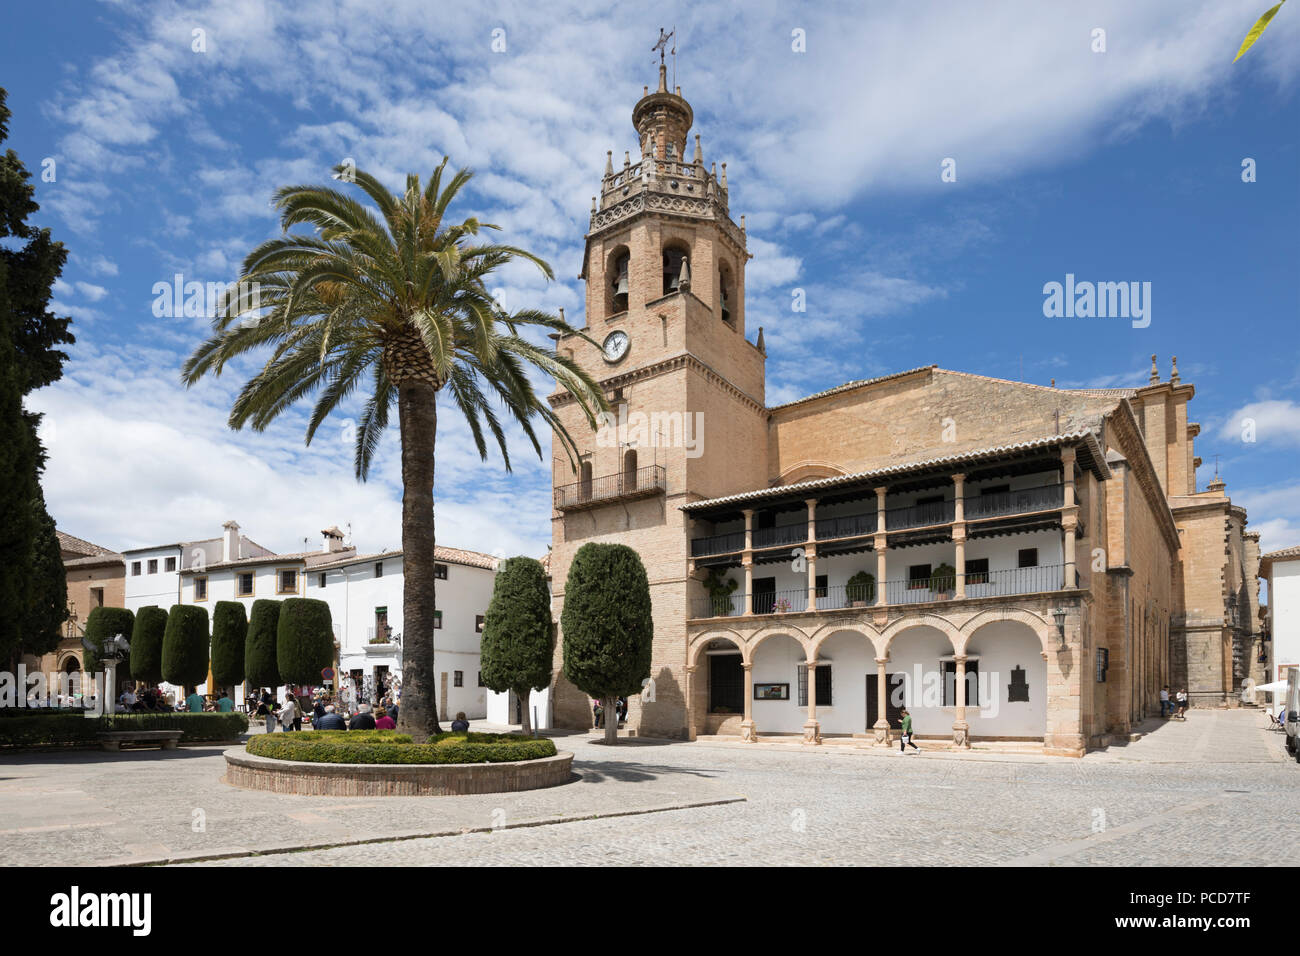 Eglise de Santa Maria la Mayor dans la Plaza Duquesa de Parcent (Place de l'Hôtel de Ville), Ronda, Andalousie, Espagne, Europe Photo Stock